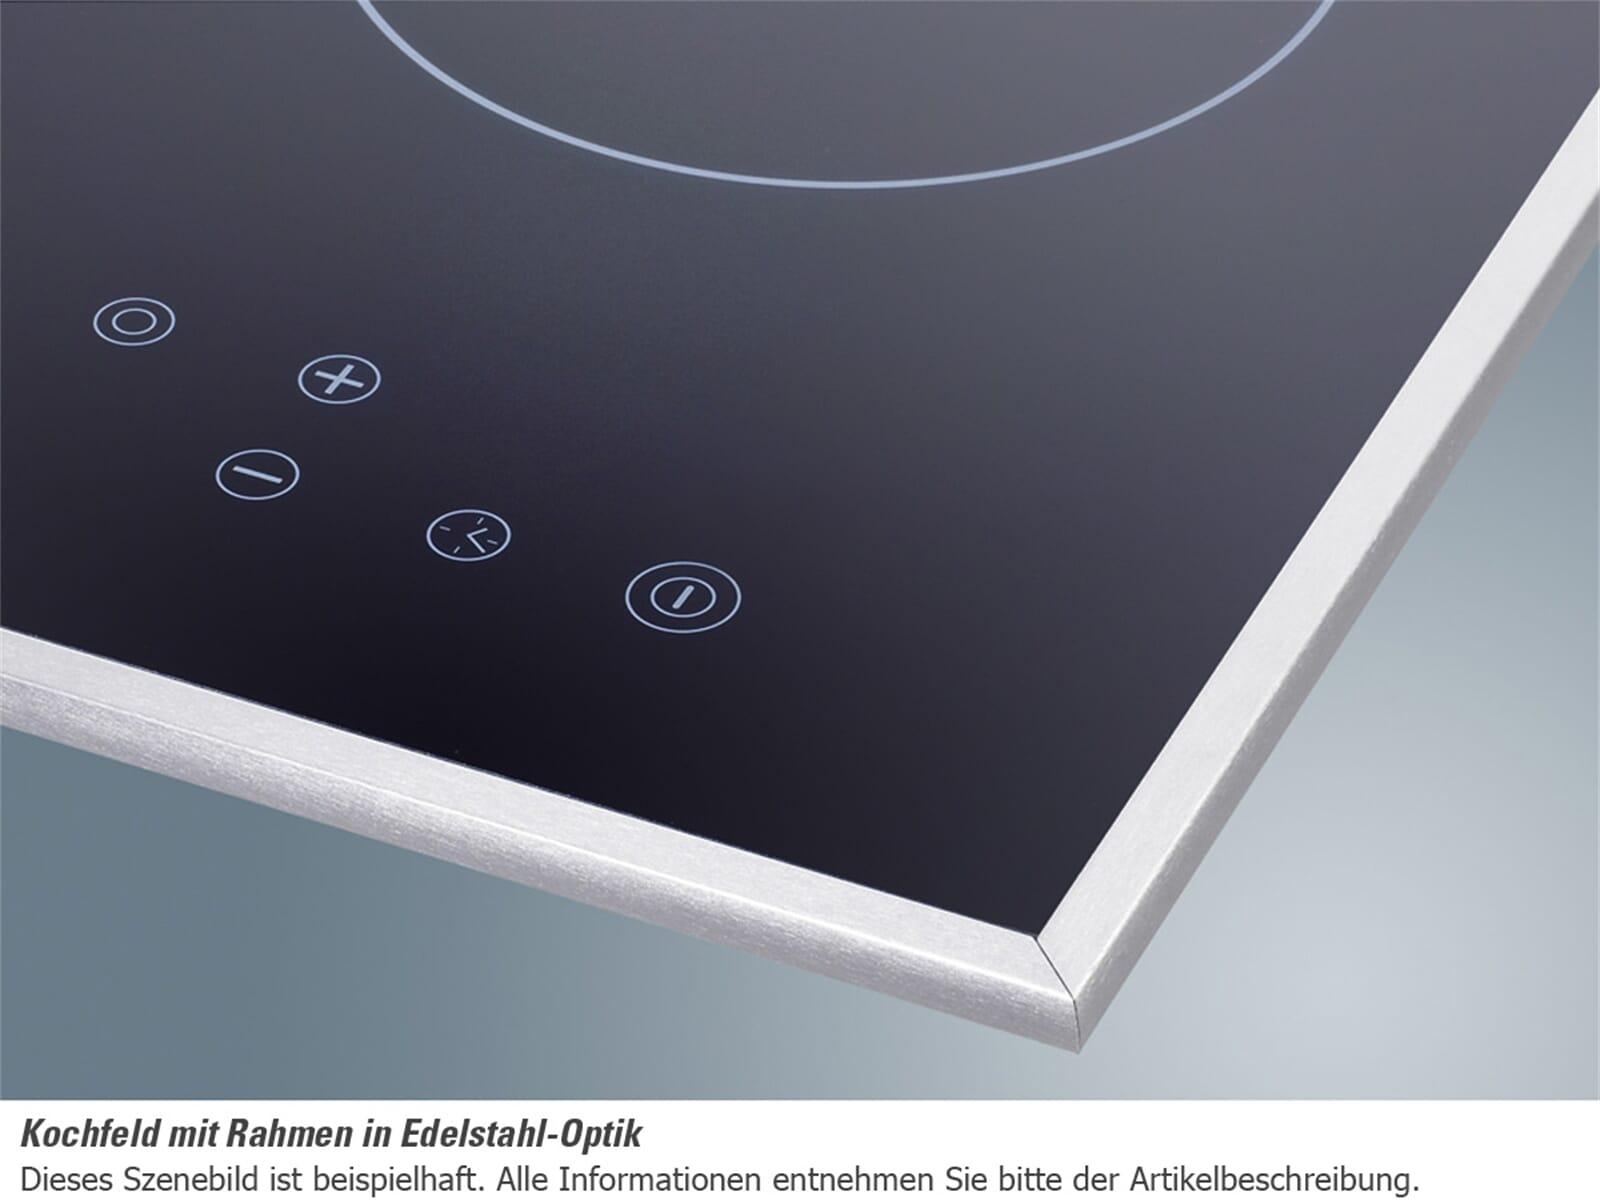 teka gkst 80 i4 basic booster slider induktion glaskeramik. Black Bedroom Furniture Sets. Home Design Ideas